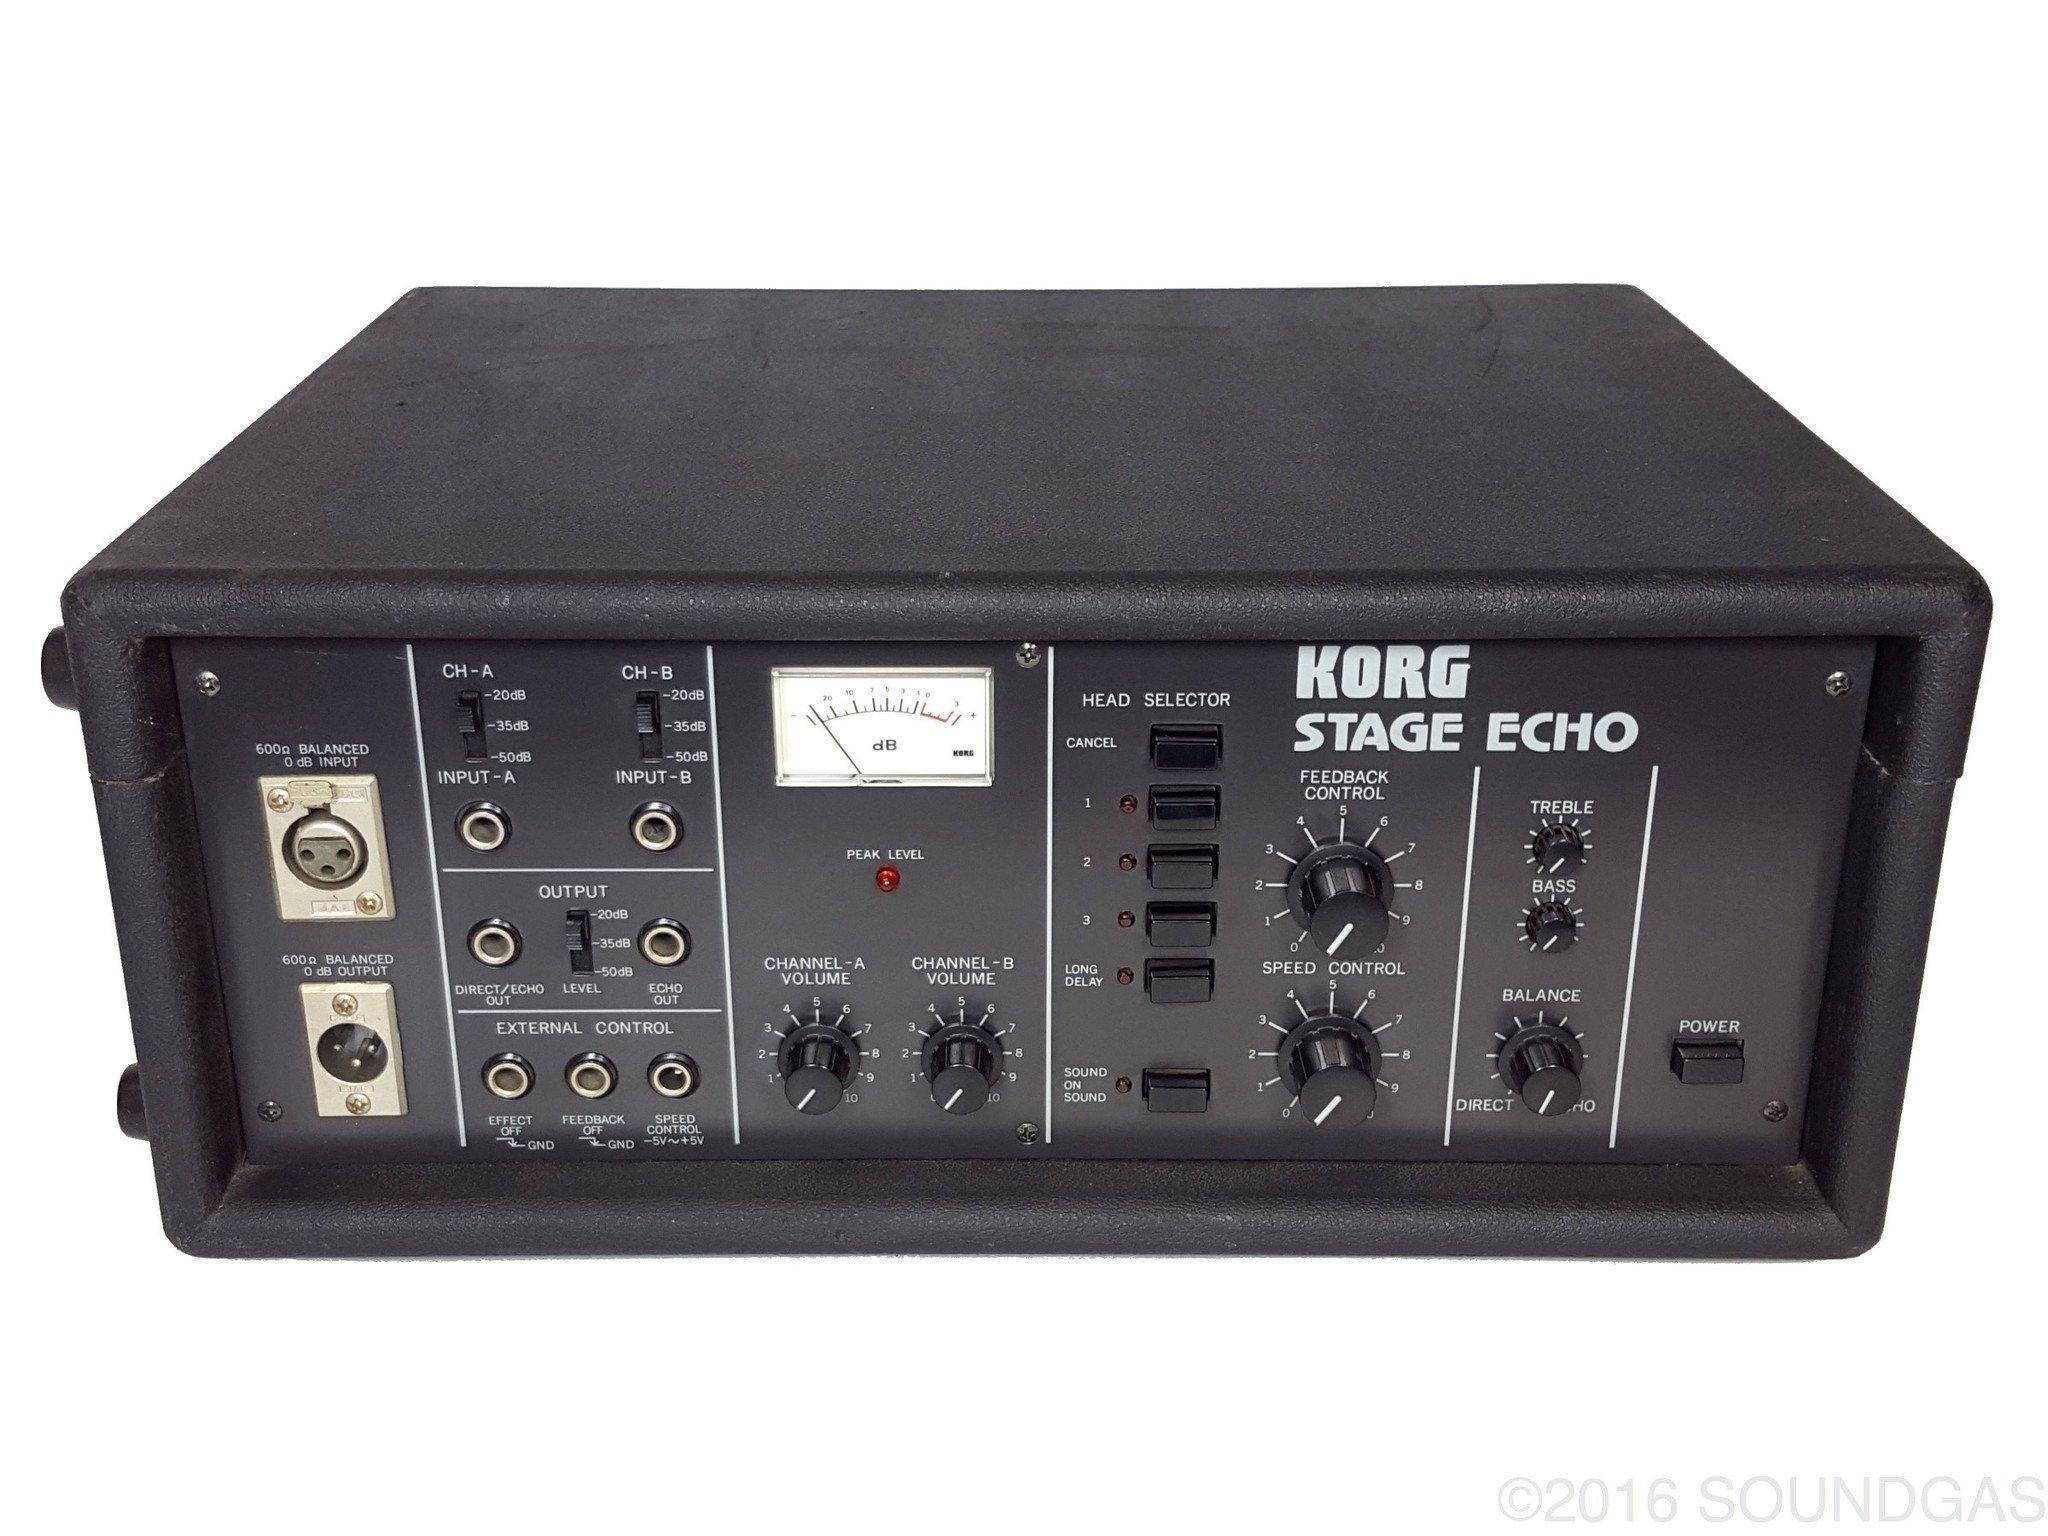 Korg-SE-500-Stage-Echo-Tape-Echo-Cover-2_a61dd01b-c4ec-4a26-b41b-afc28209a131